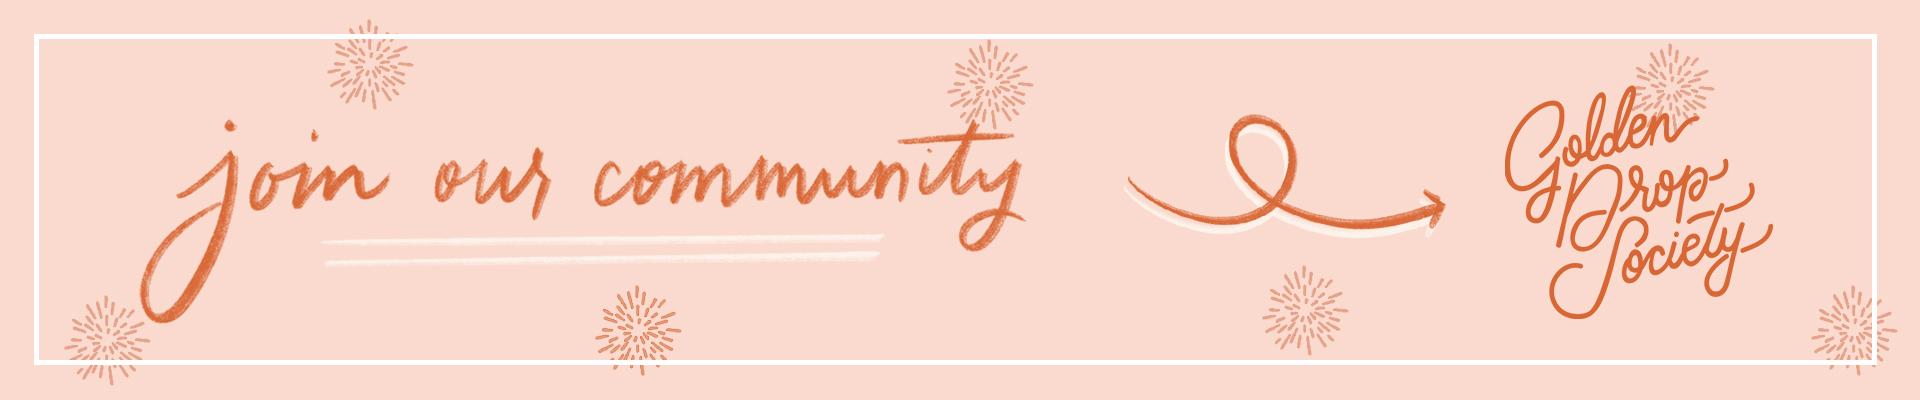 JoinOurCommunity_Banner.jpg